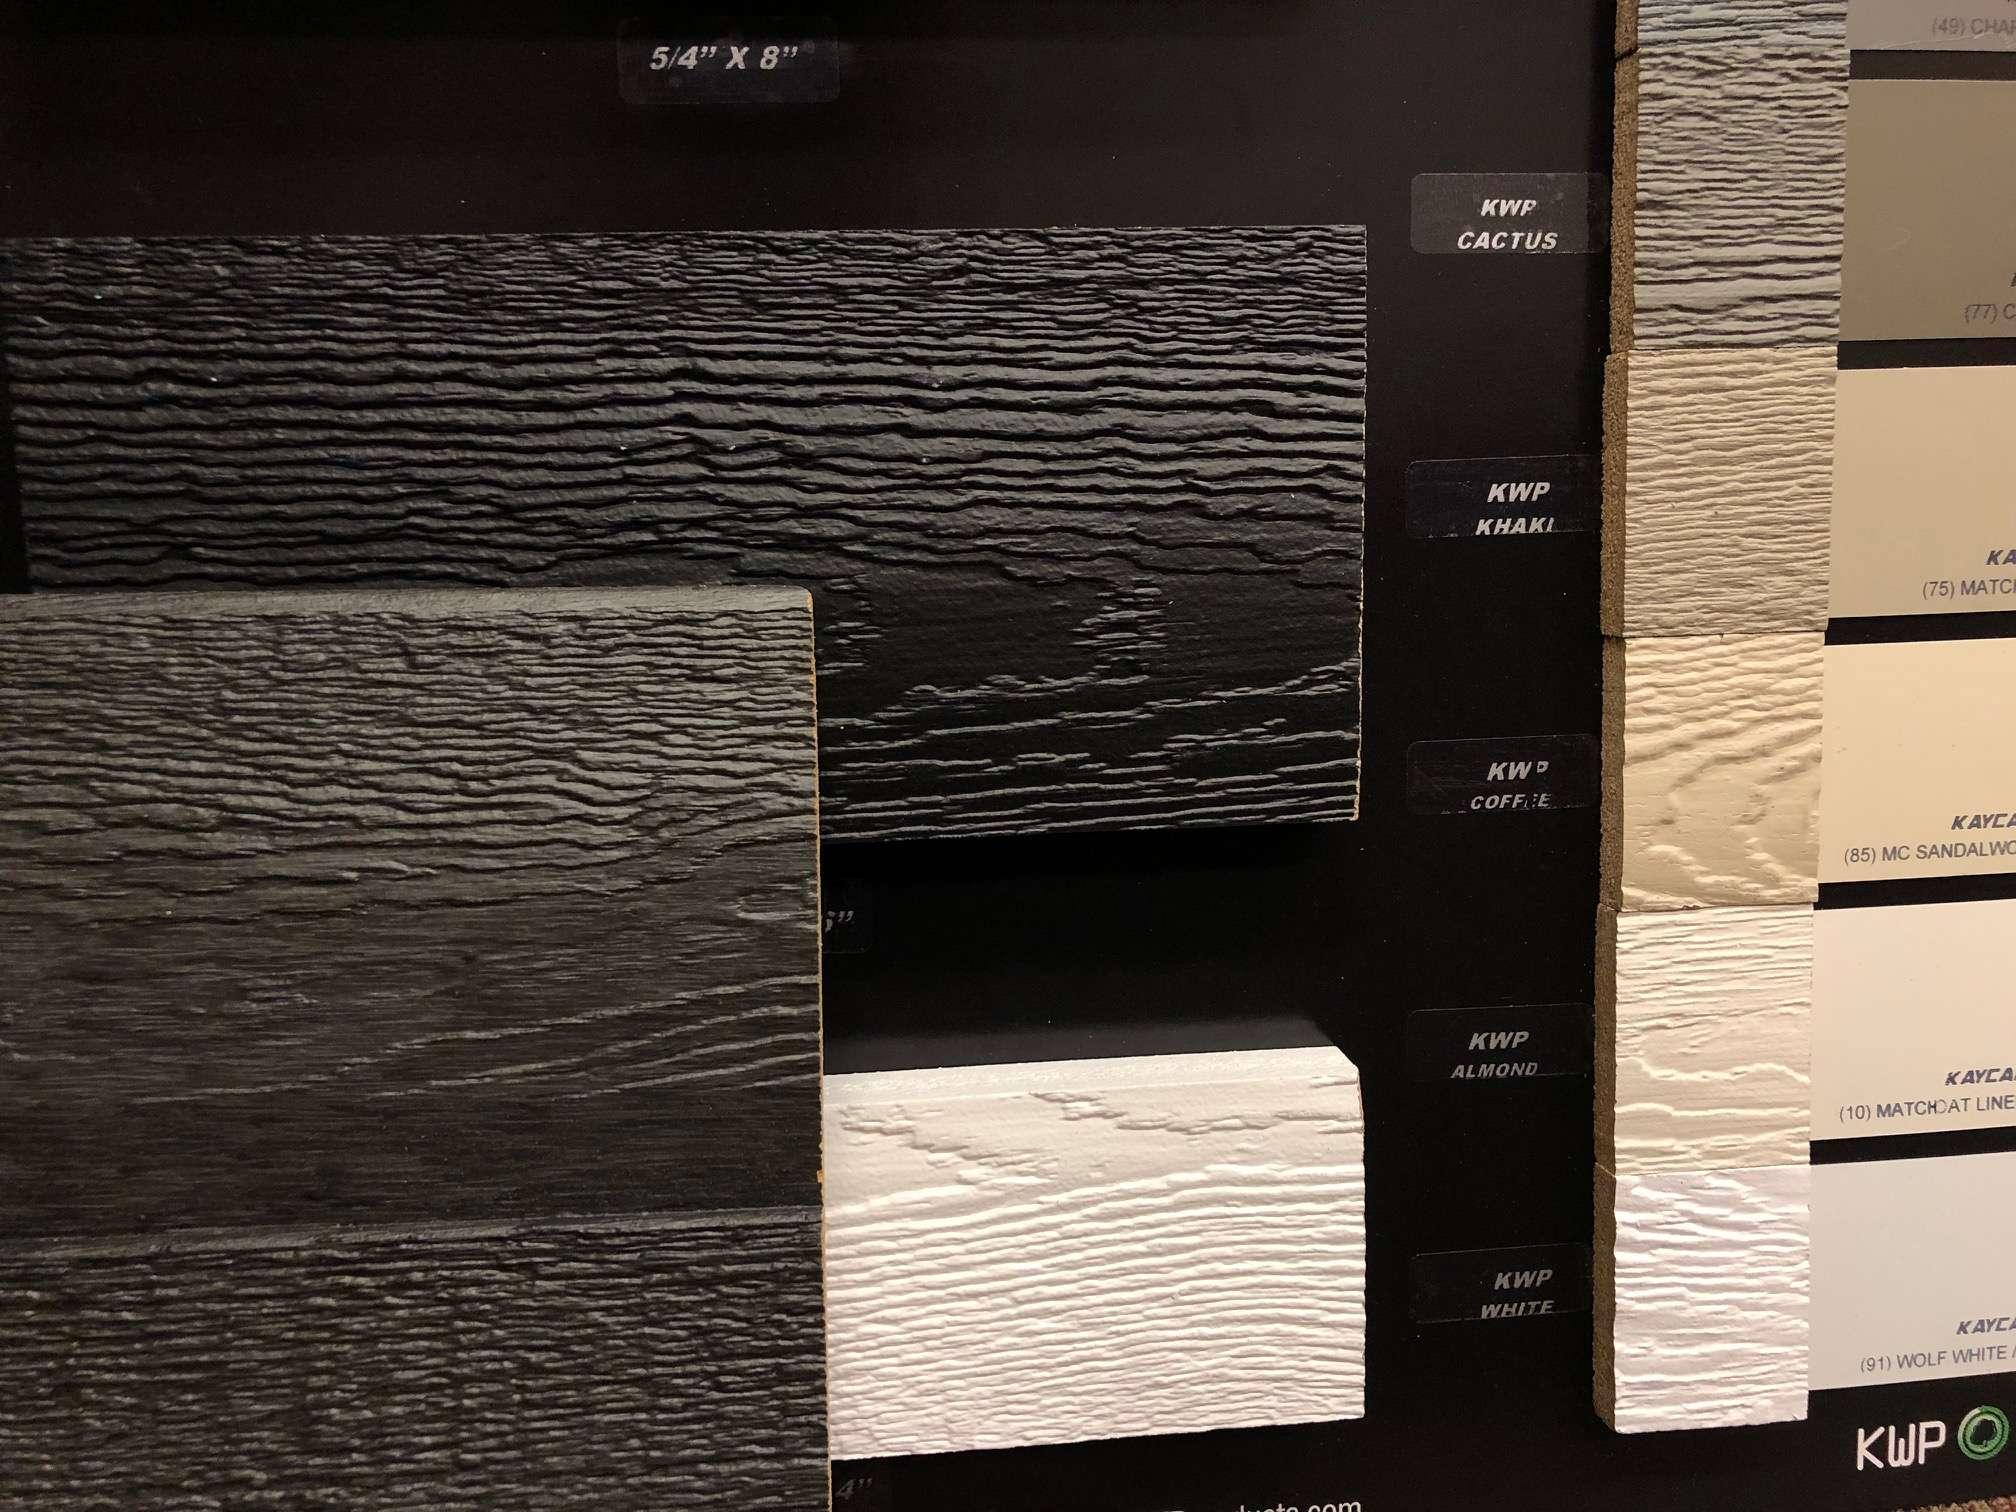 Couleur Tendance Pour Interieur Maison des combinaisons de couleurs tendance pour l'extérieur de